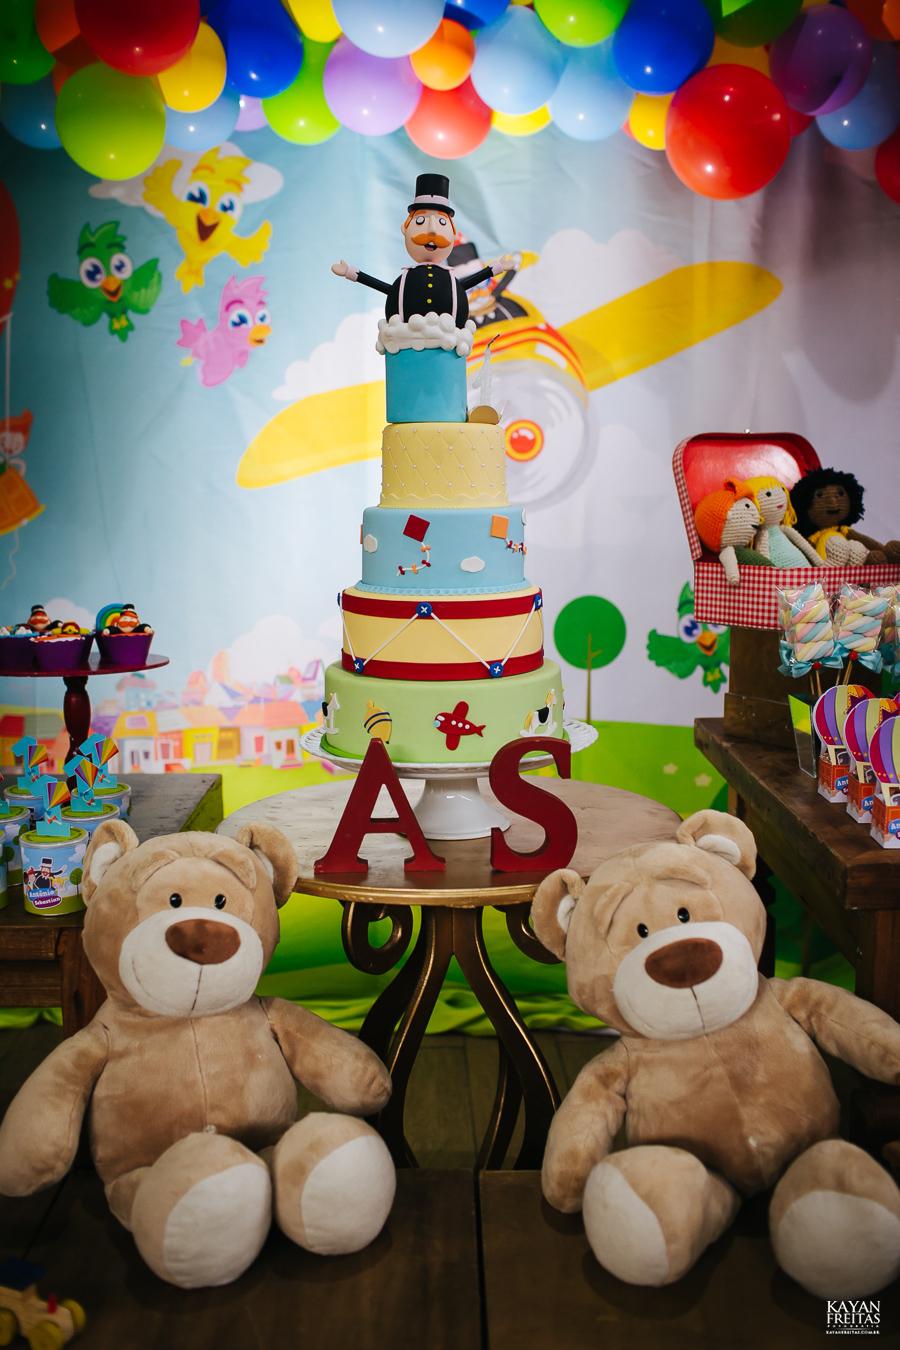 antonio-sebastian-aniversario-0004 Antônio Sebastian - Aniversário de 1 ano - Sonho de Festas